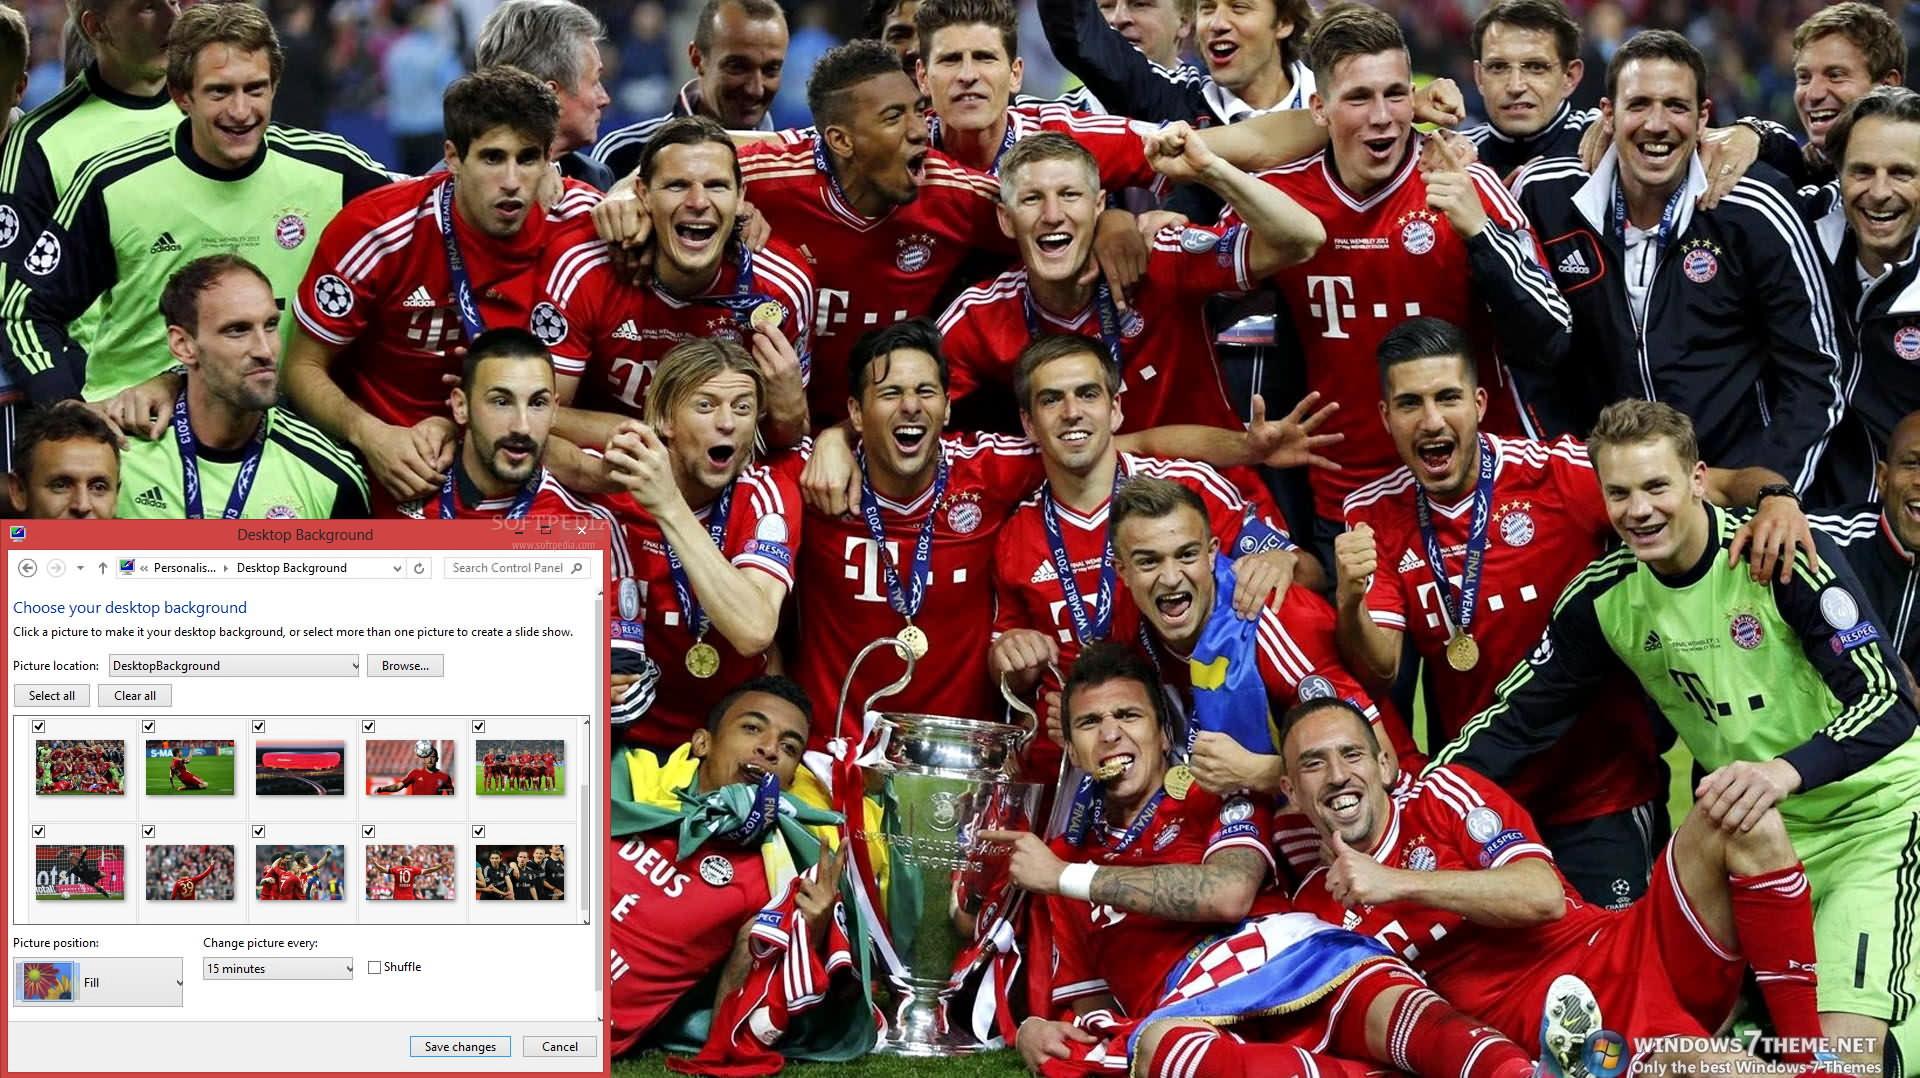 FC Bayern Windows 7 Theme